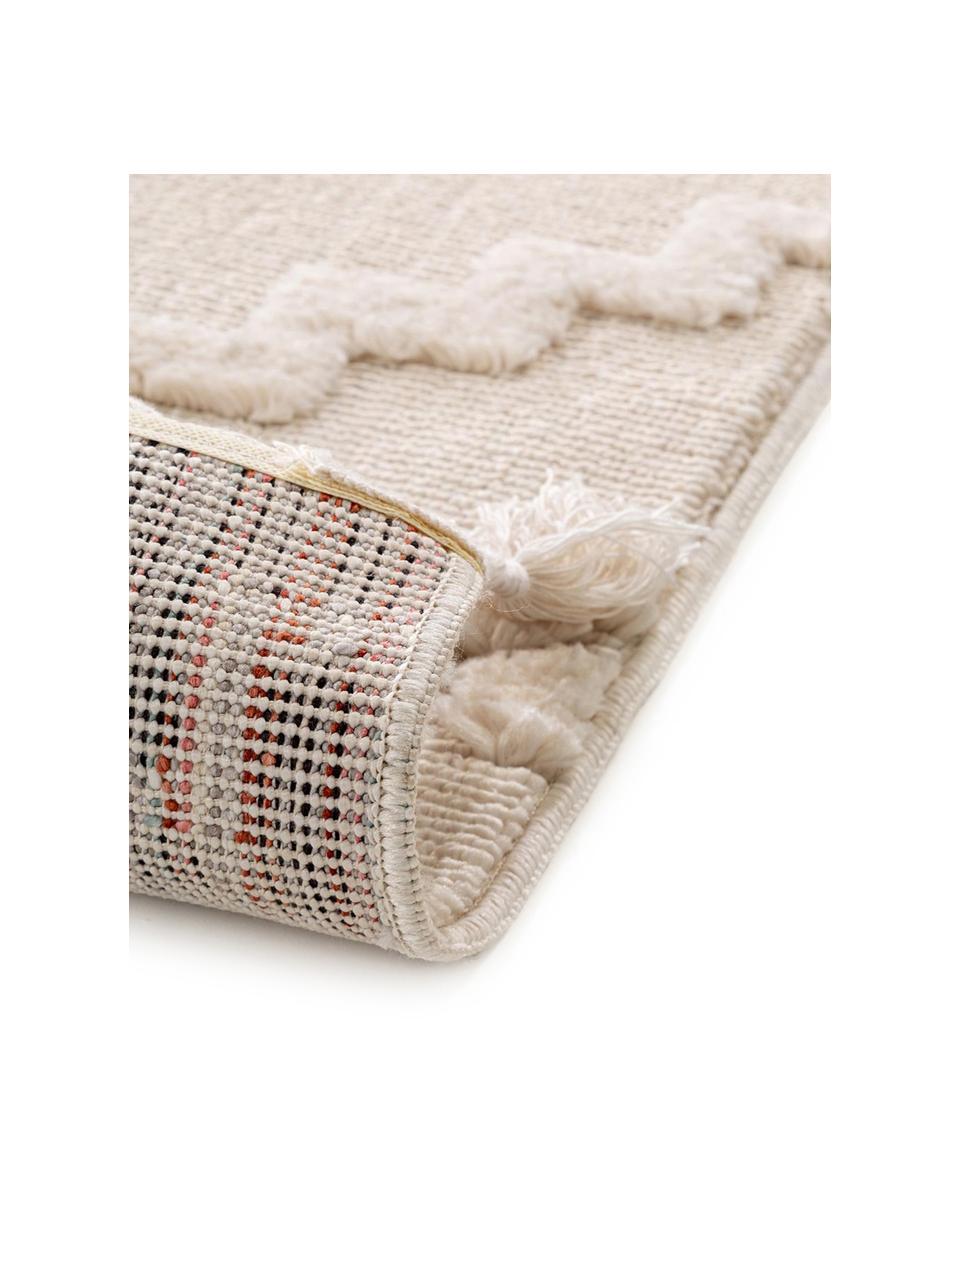 Teppich Oyo in Creme mit Hoch-Tief-Muster im Boho Stil, Flor: 100% Polyester, Creme, B 200 x L 290 cm (Größe L)